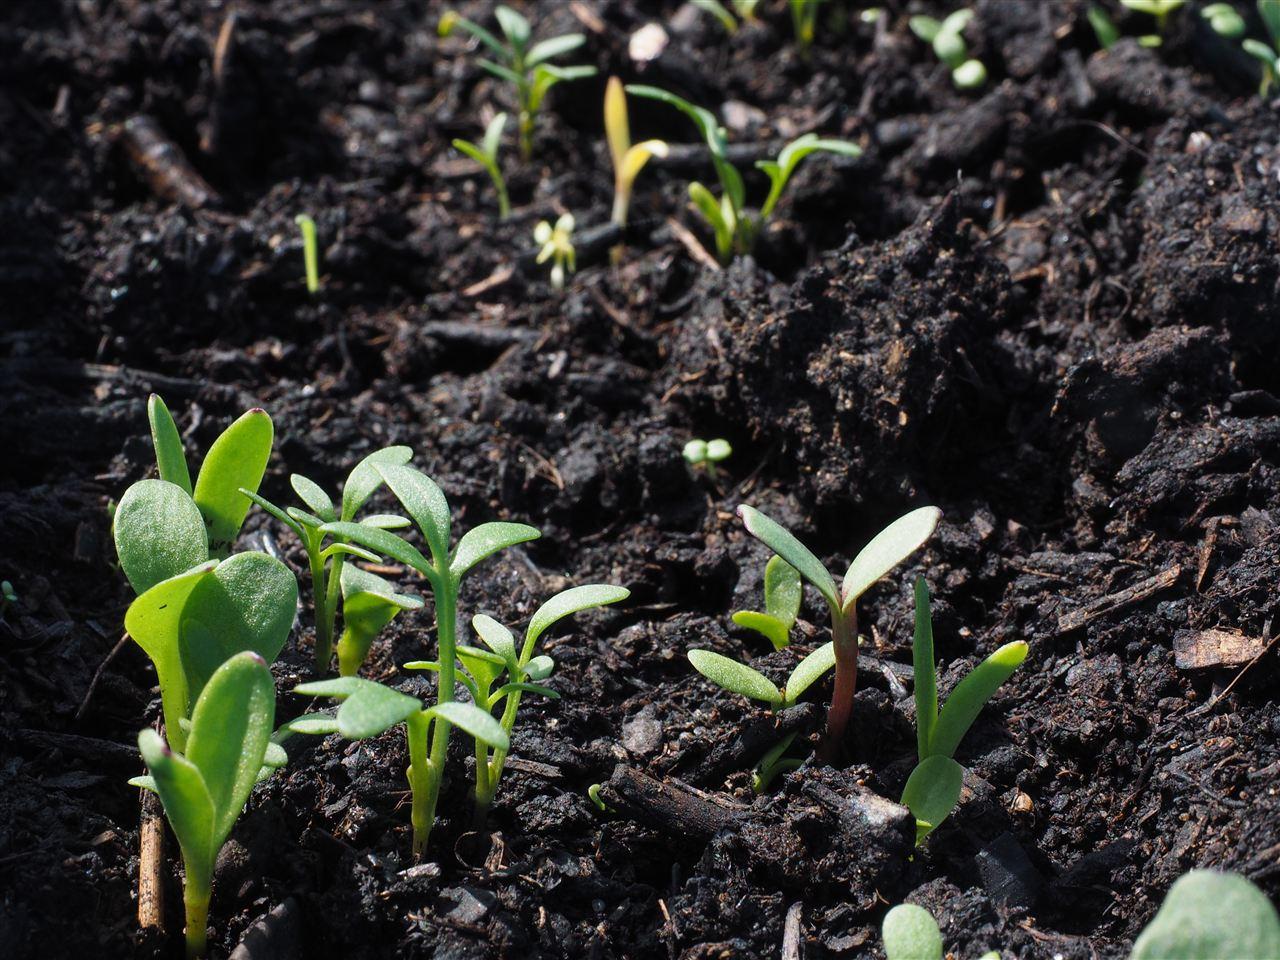 生态环境部征求三项土壤污染物测定标准意见 涉气质联用仪等